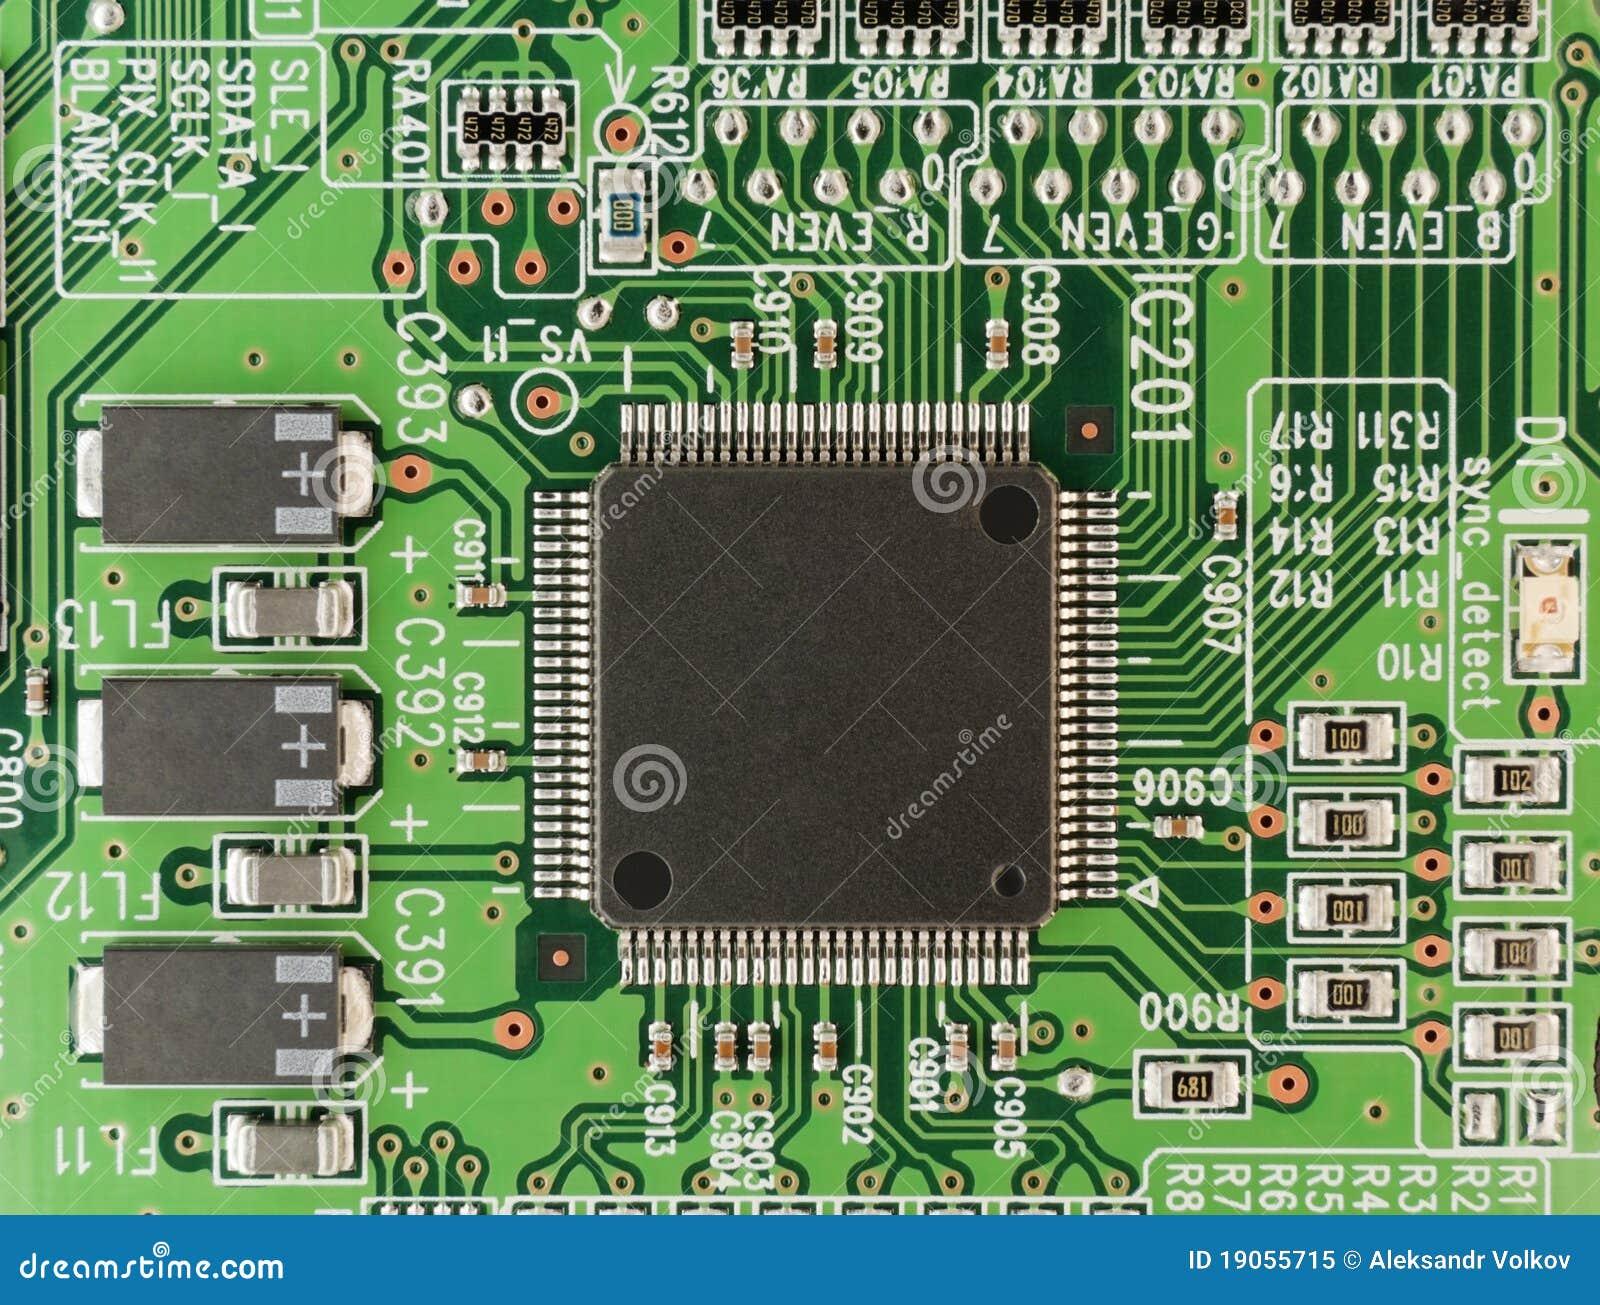 Printed Circuit Board Manufactureronline Quoteprinted Circuit Board